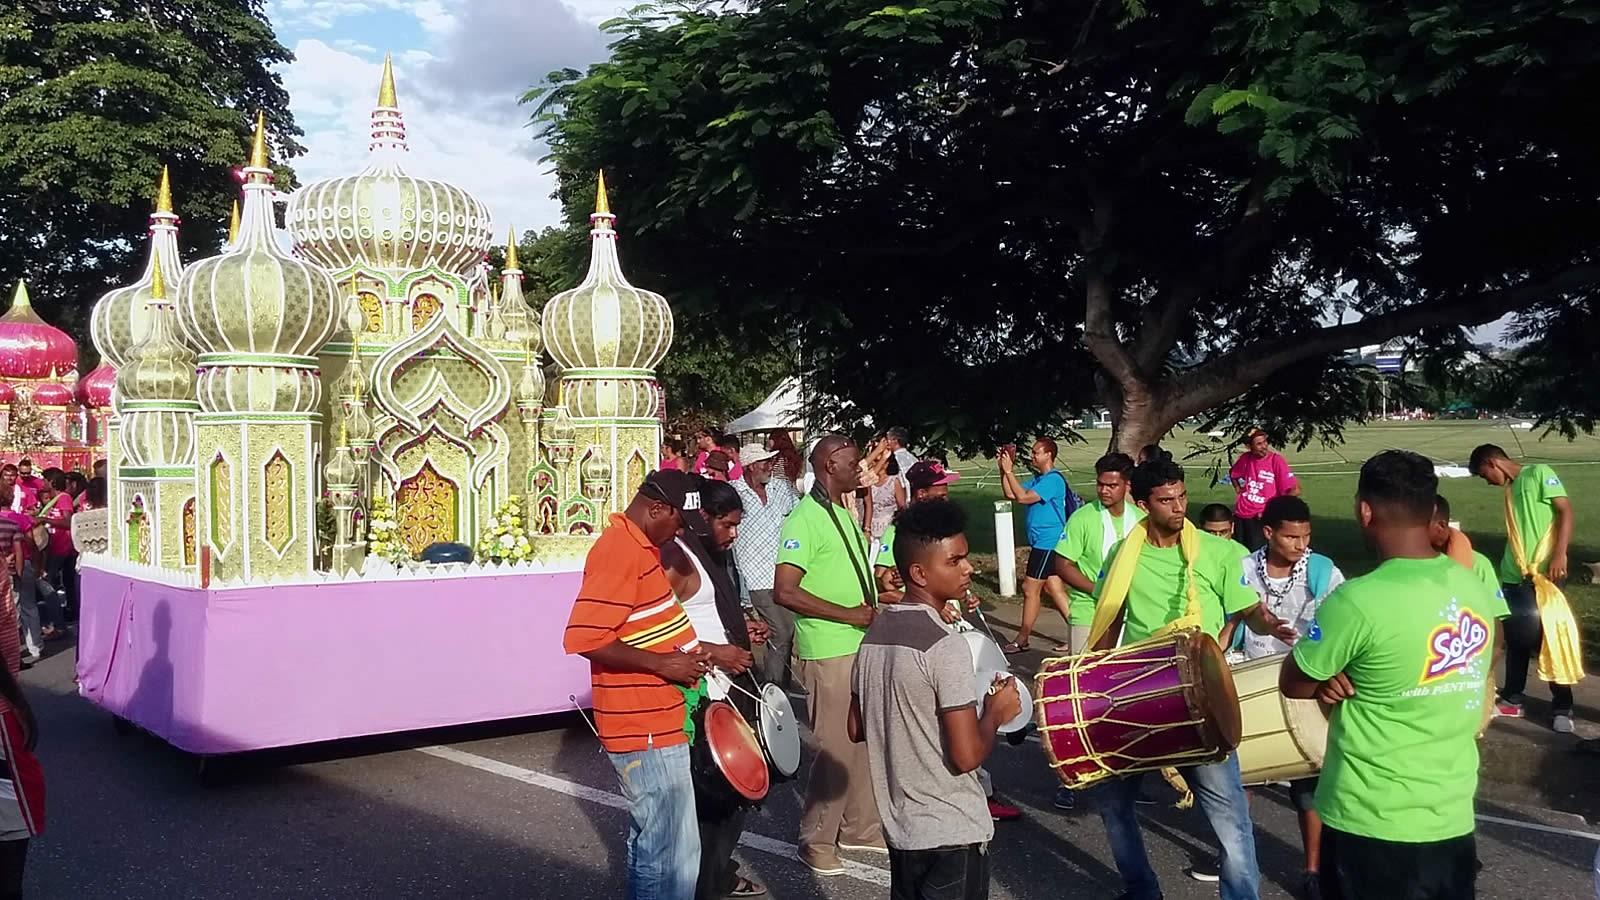 Colourfule tadja led by Tassa drummers